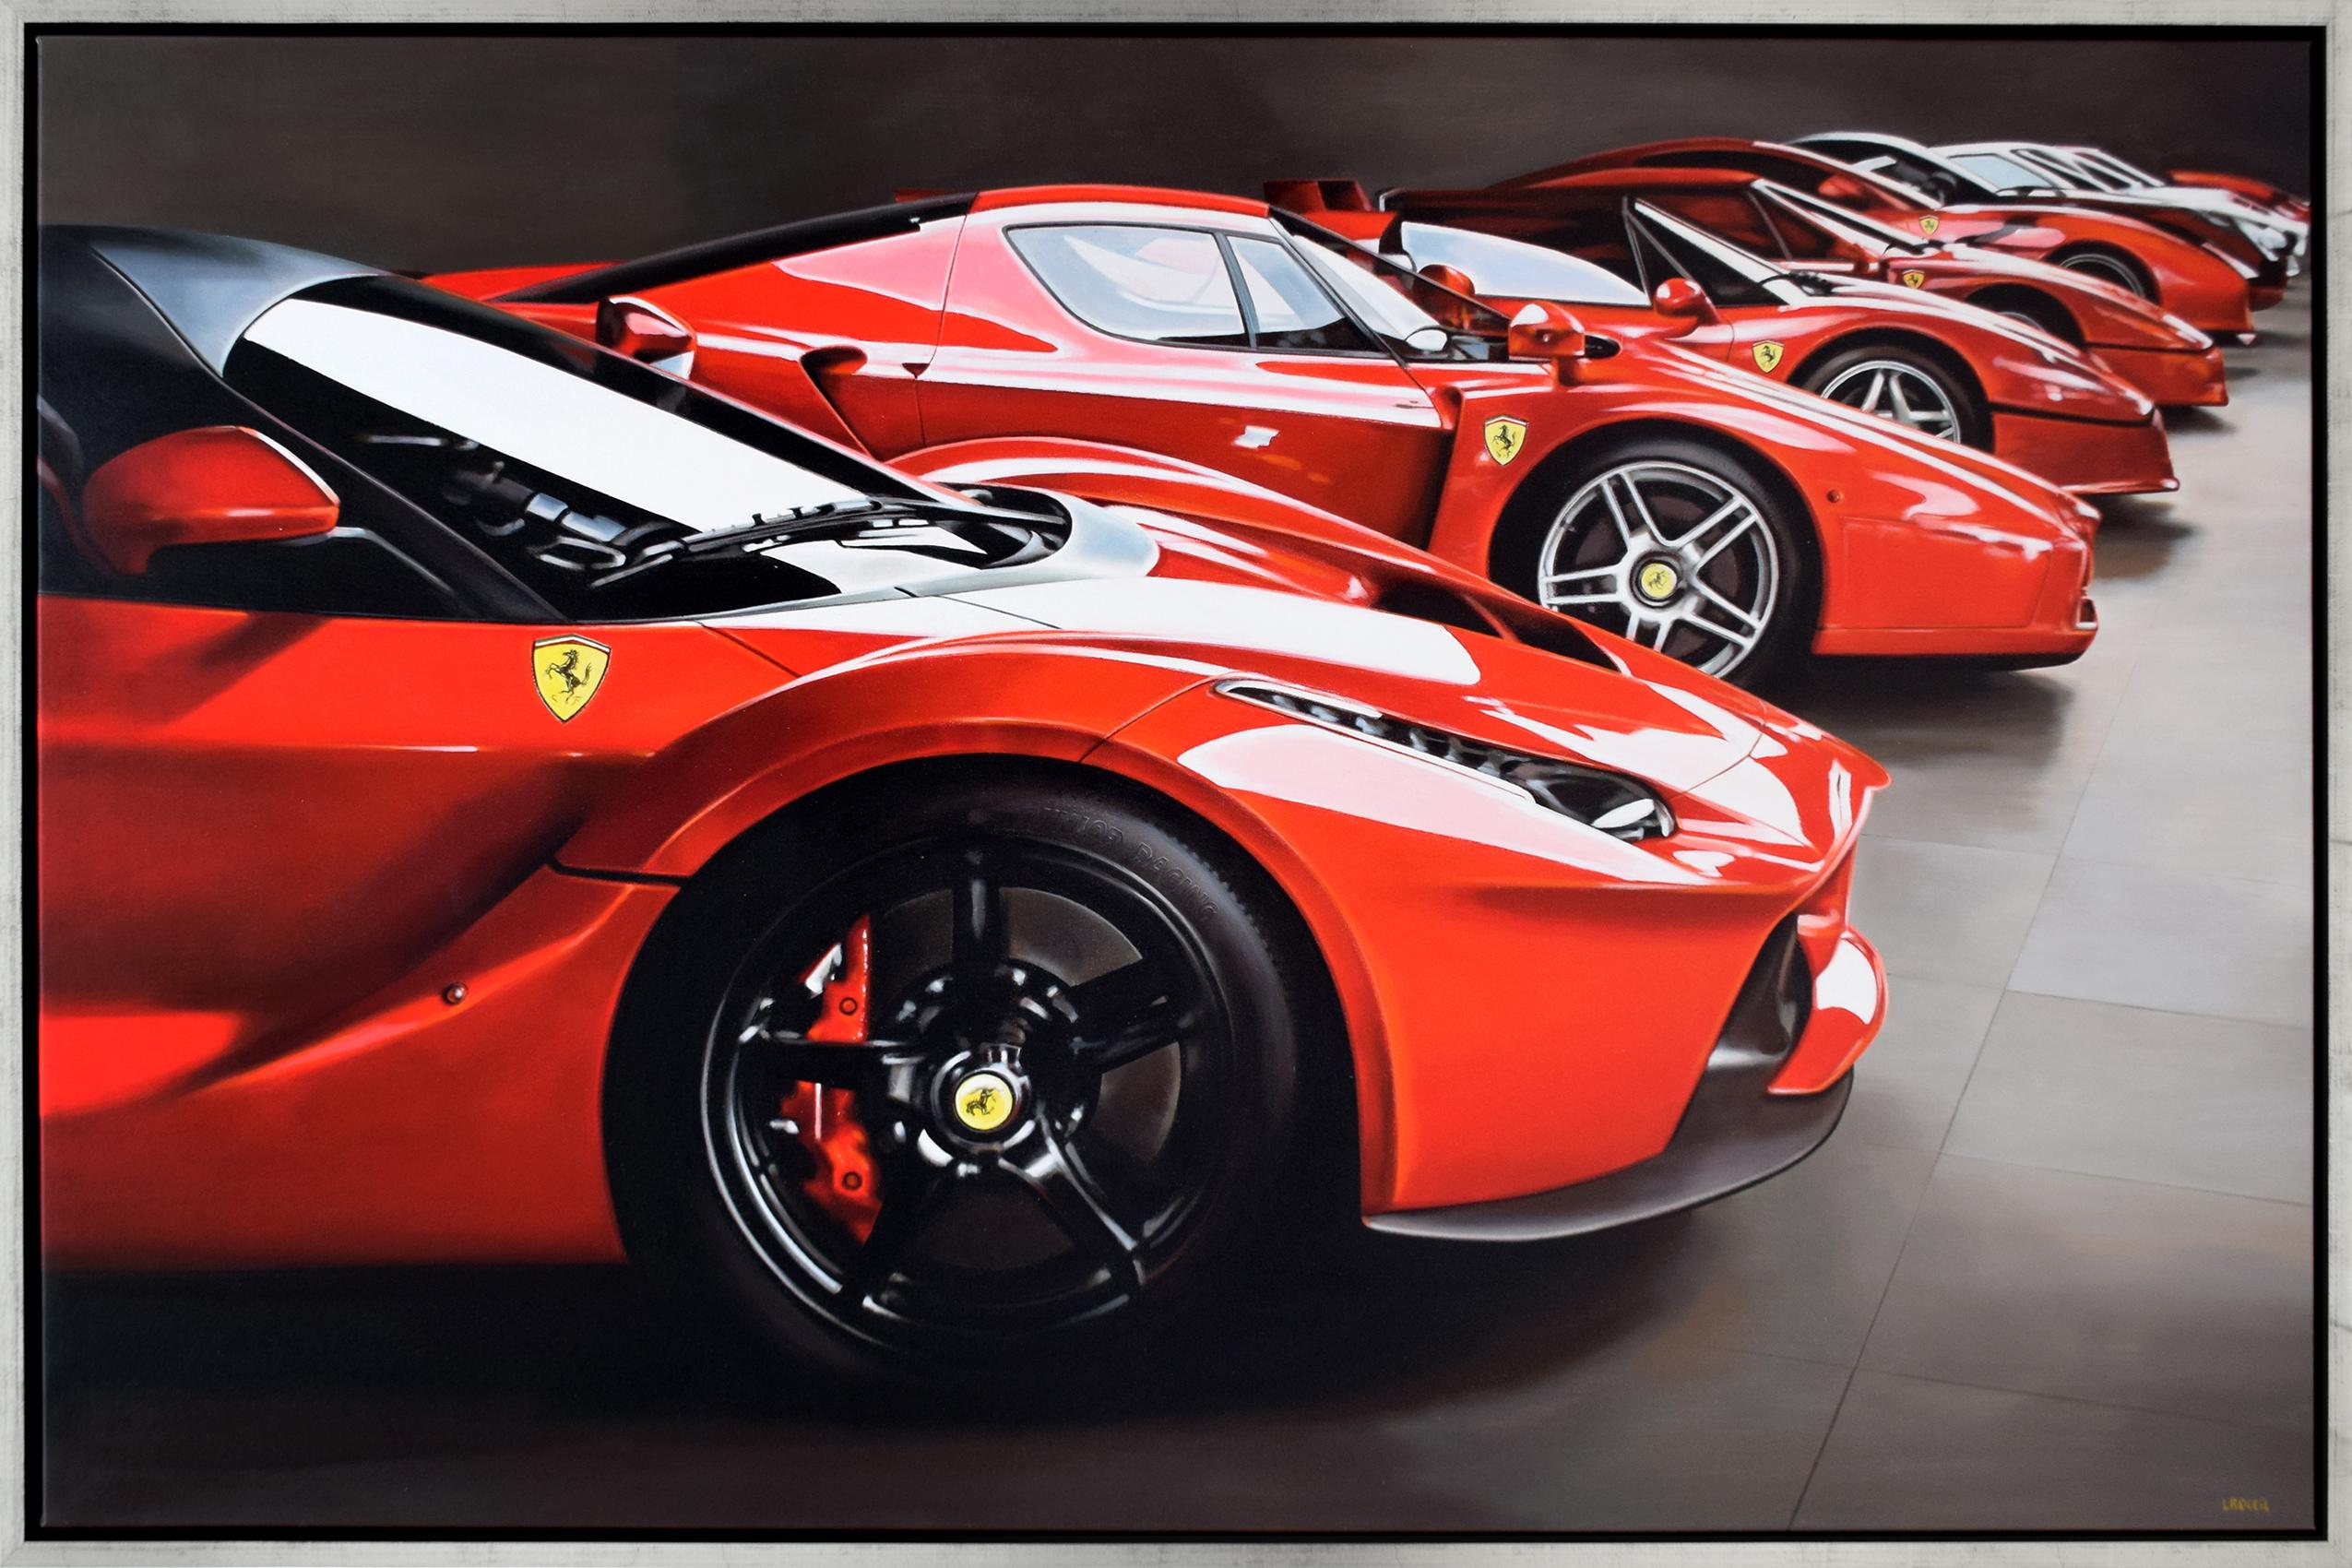 Luigi Rocca - Testarossa Premium Quality , 6855-006-357